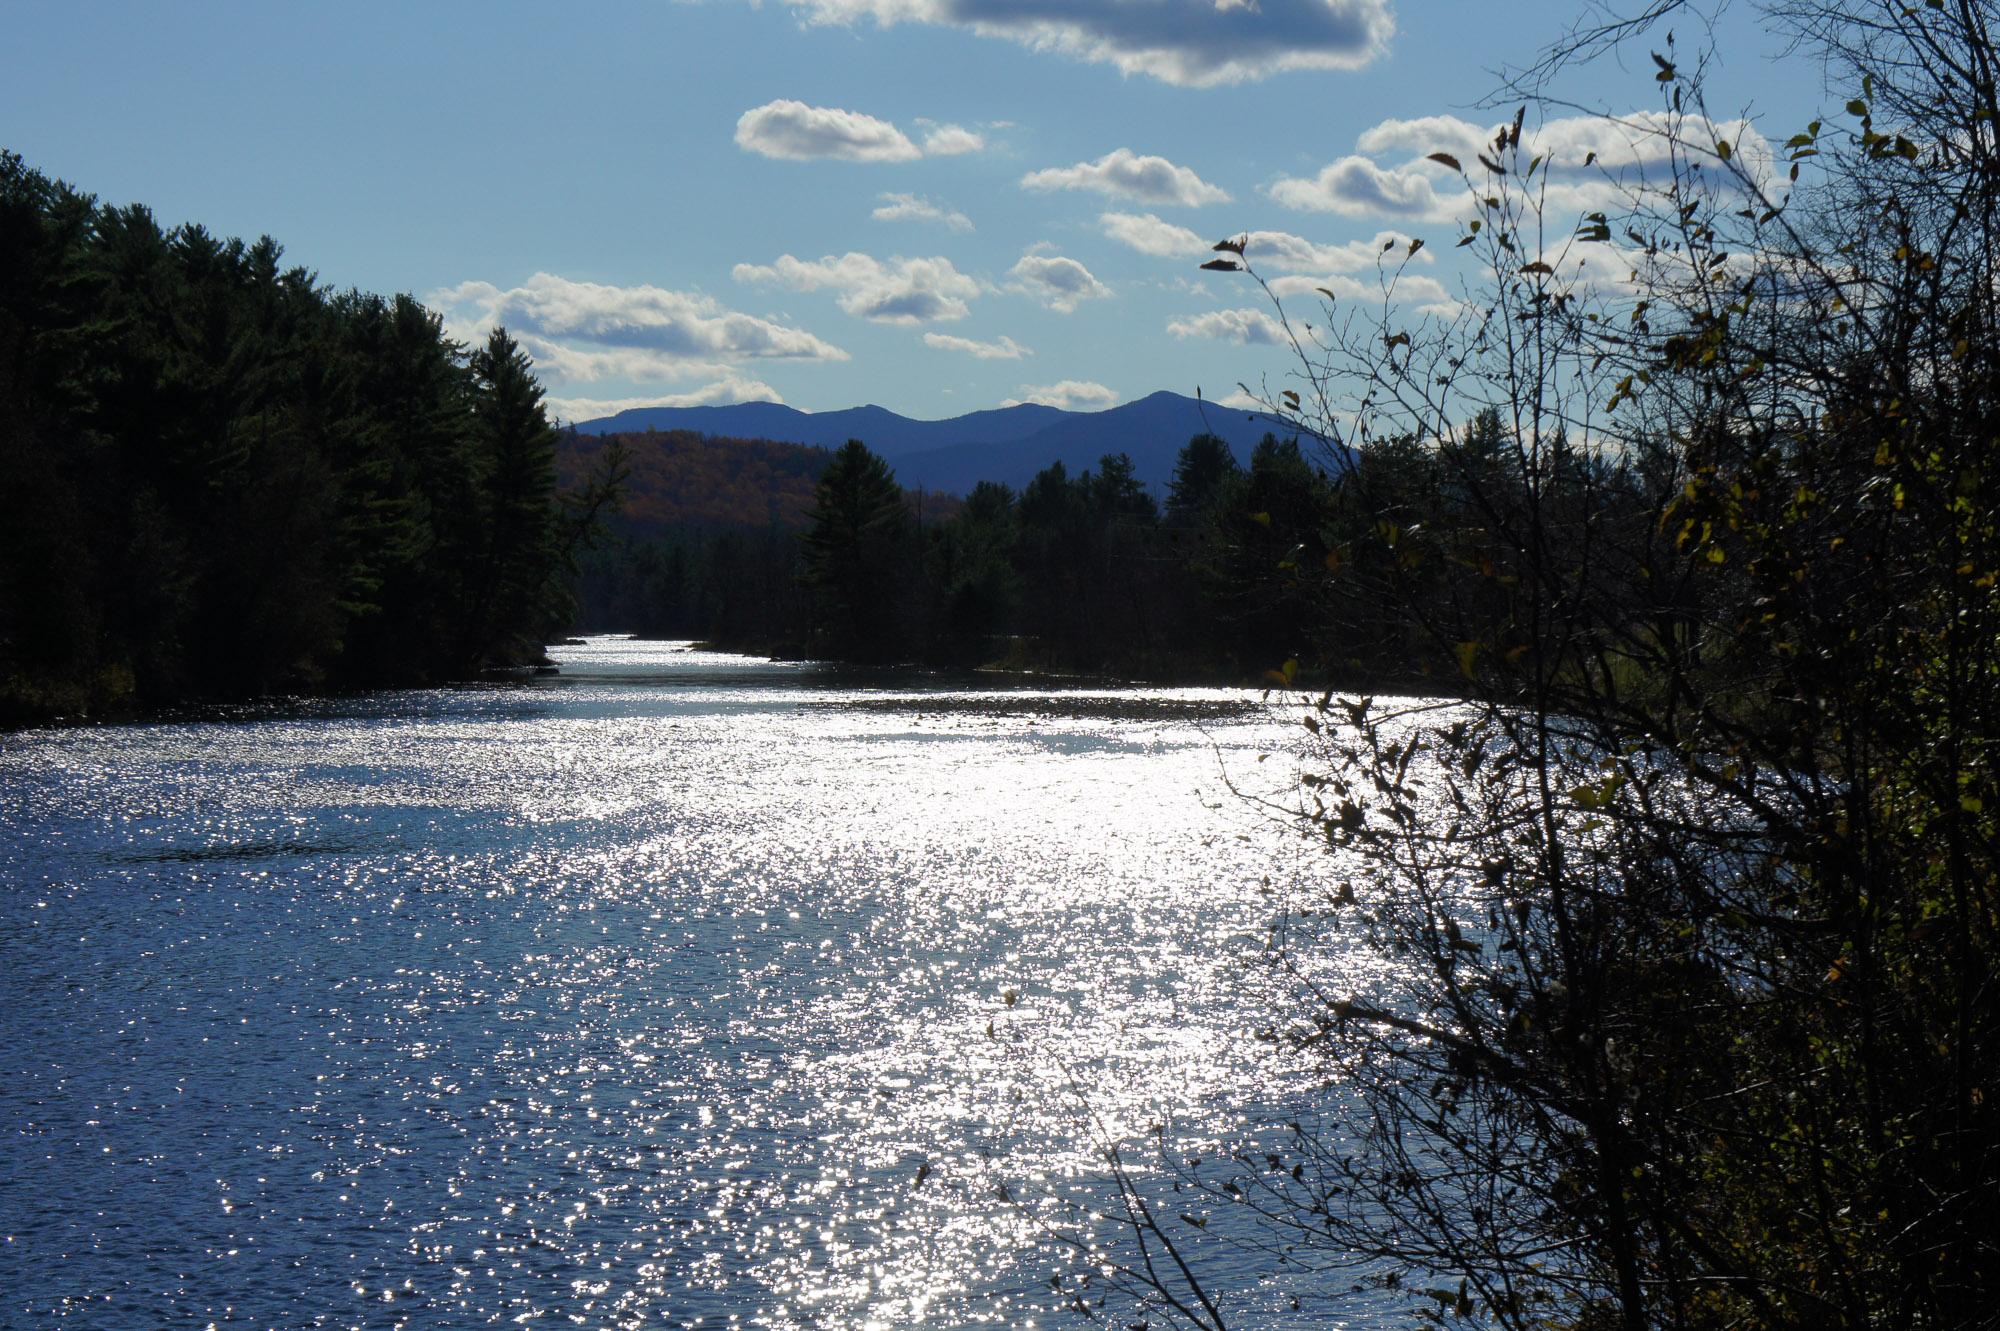 Deerlands – River